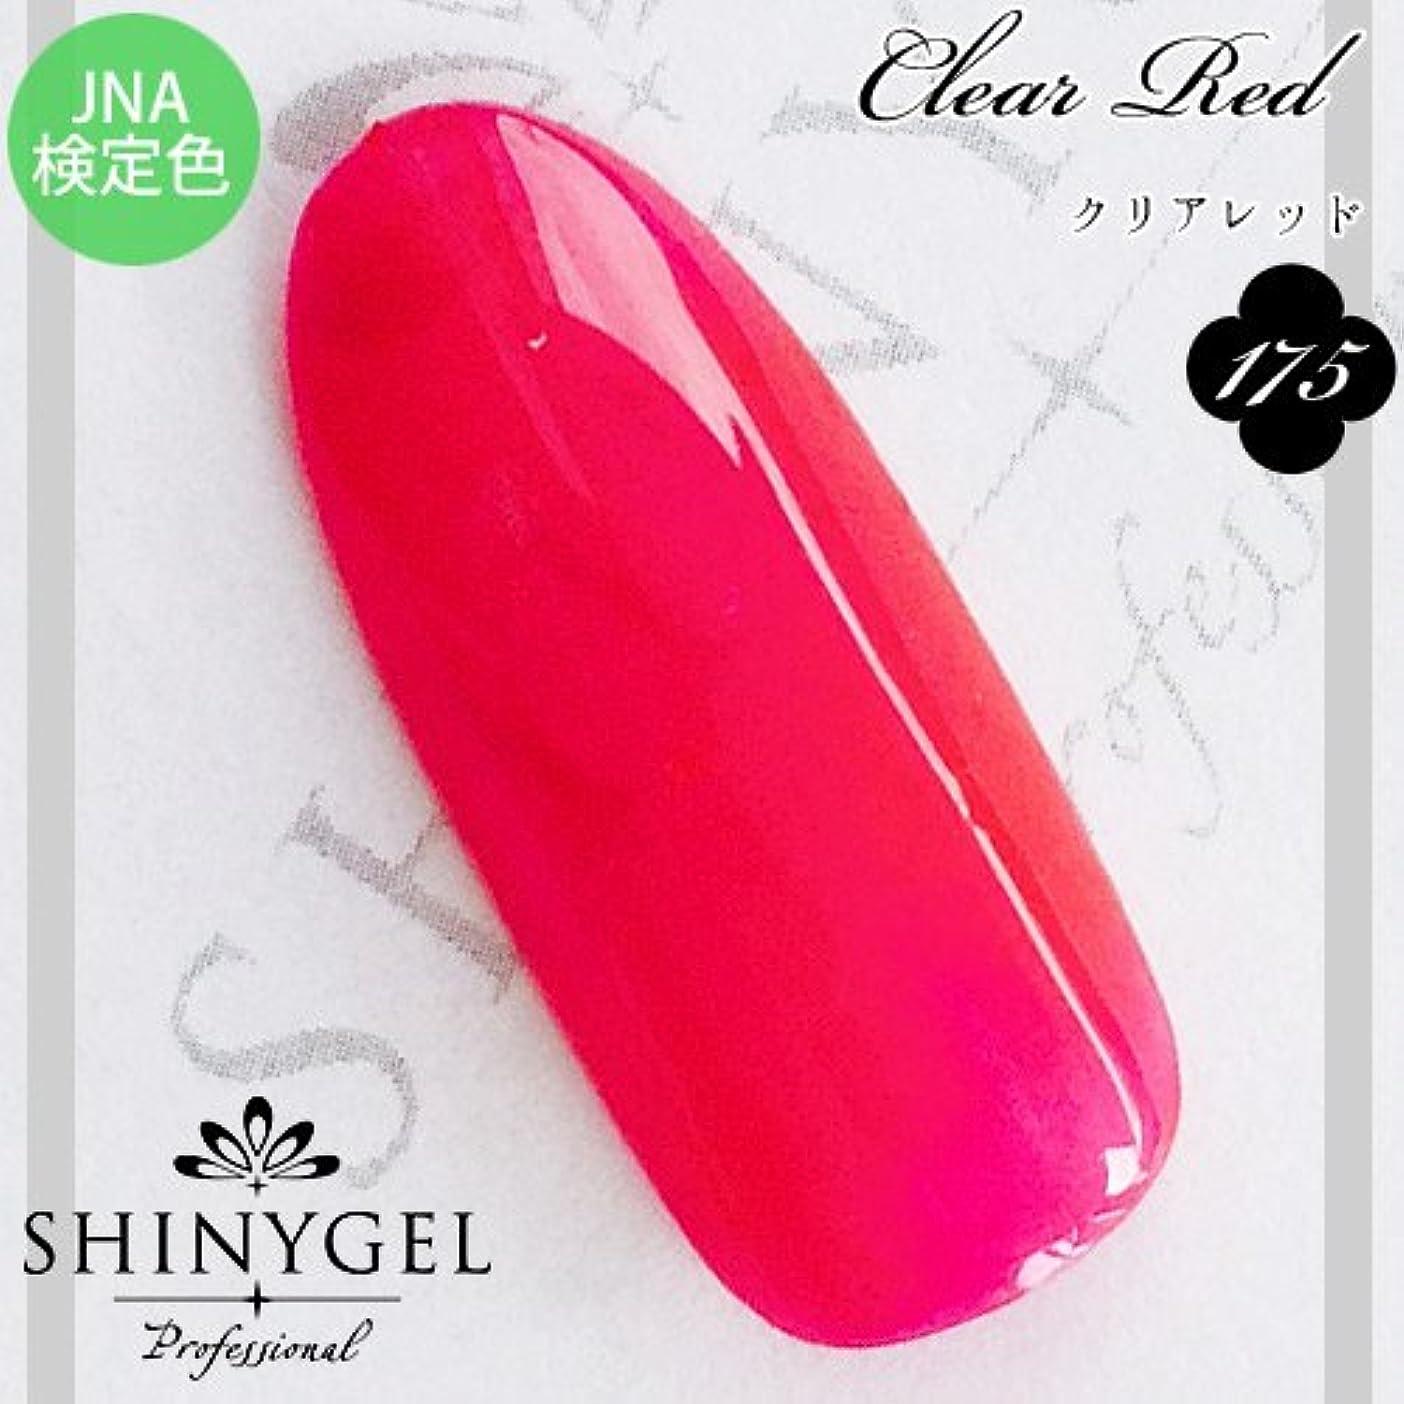 廃止限界被害者SHINY GEL カラージェル 175 4g クリアレッド JNA検定色 UV/LED対応